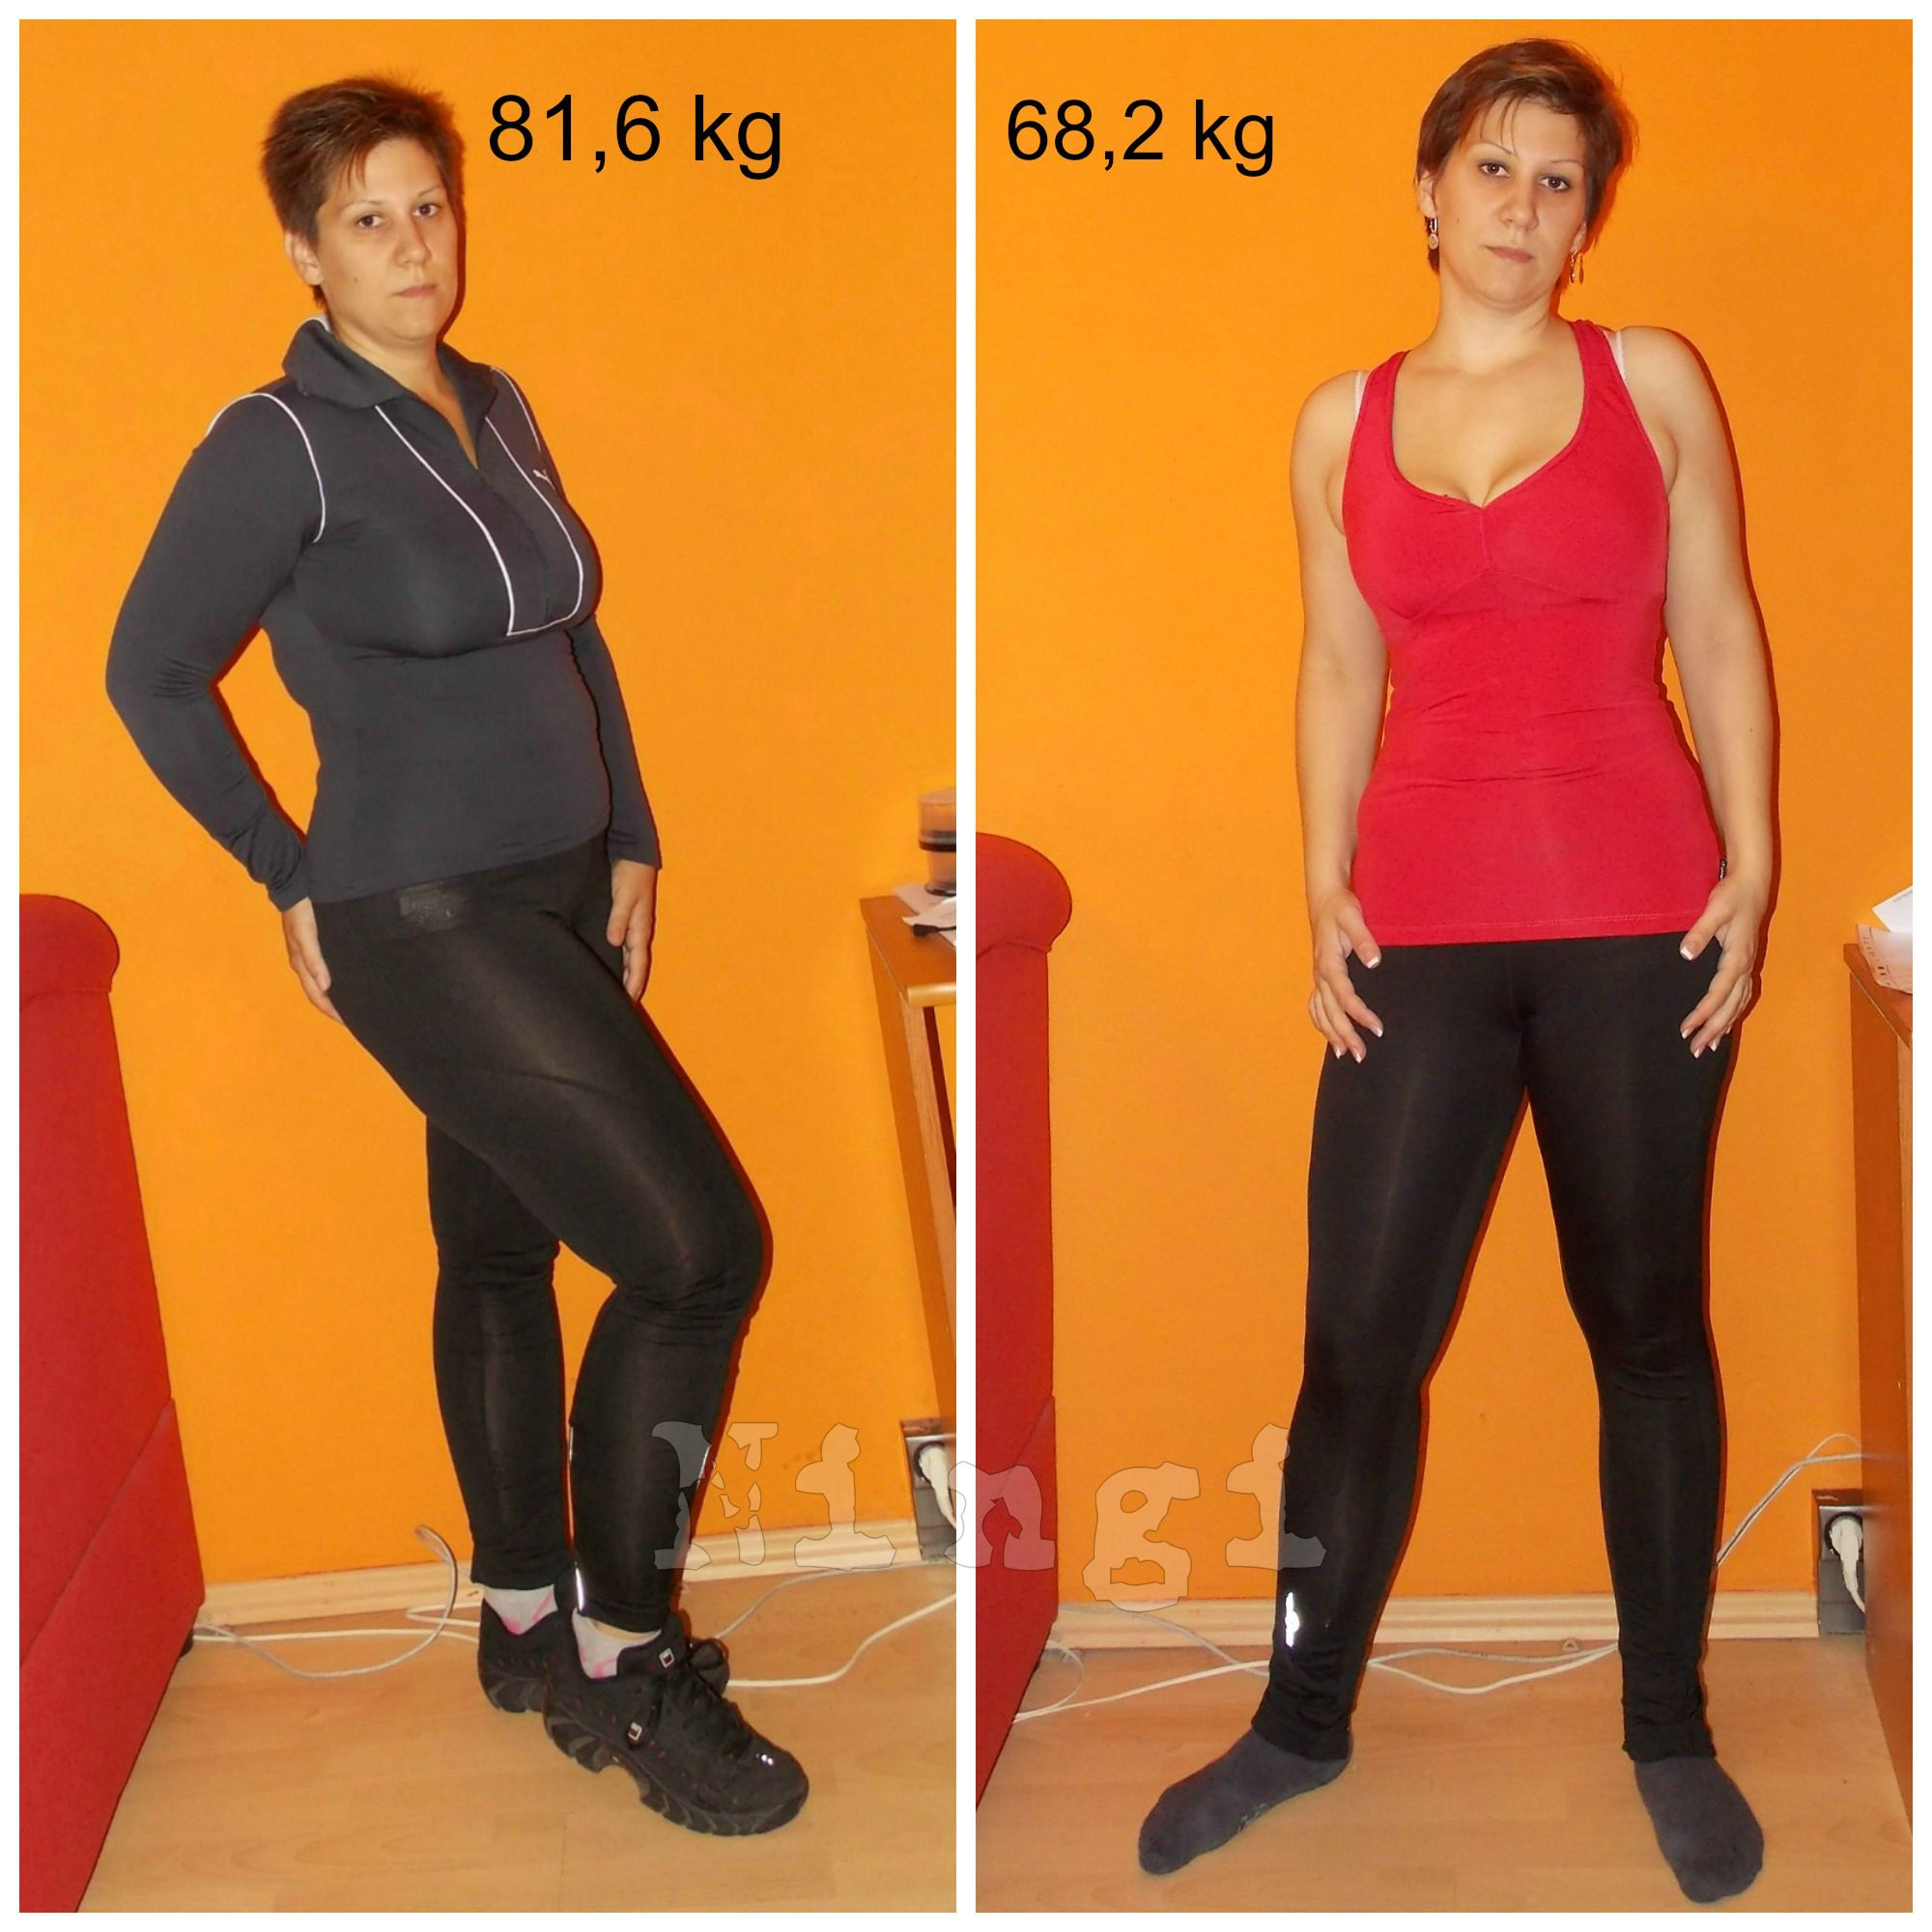 6 kg súlycsökkenés